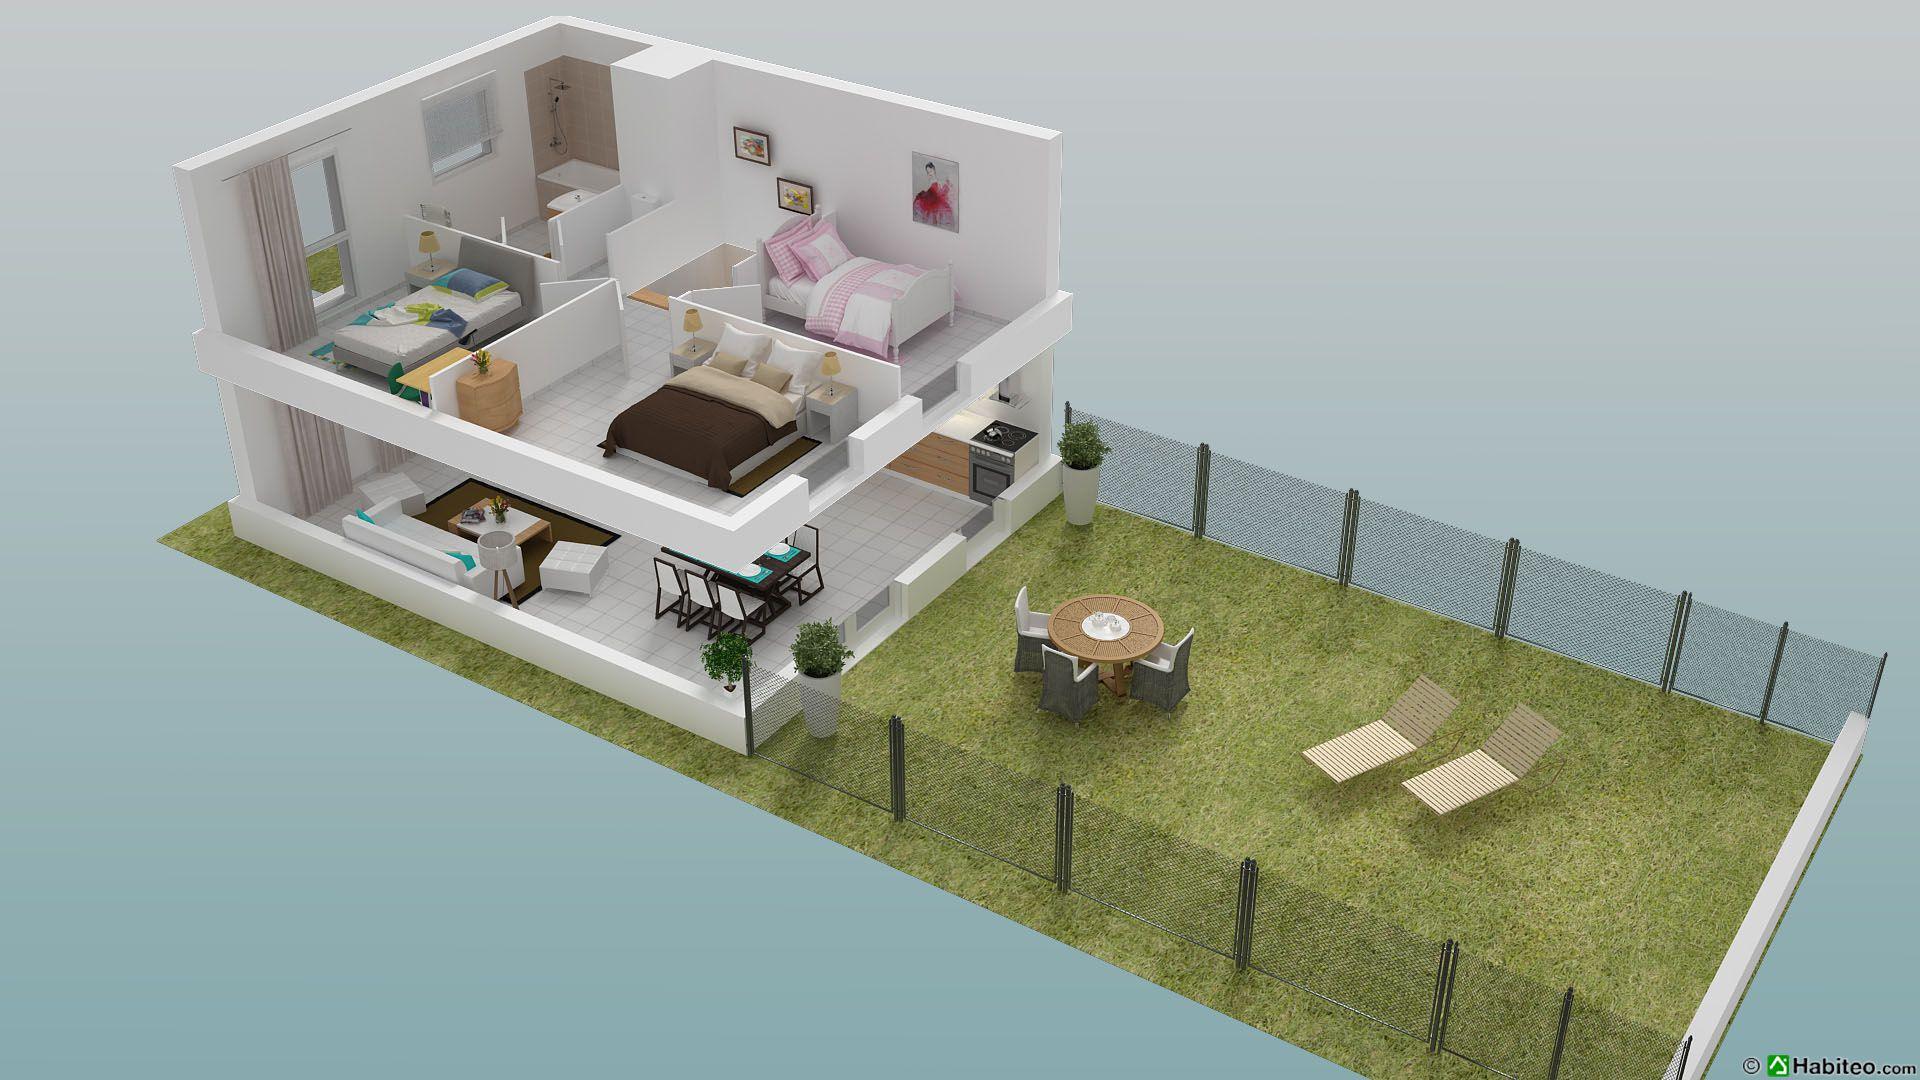 Plan 3d d 39 une maison en etage maison moderne for Creer plan maison 3d